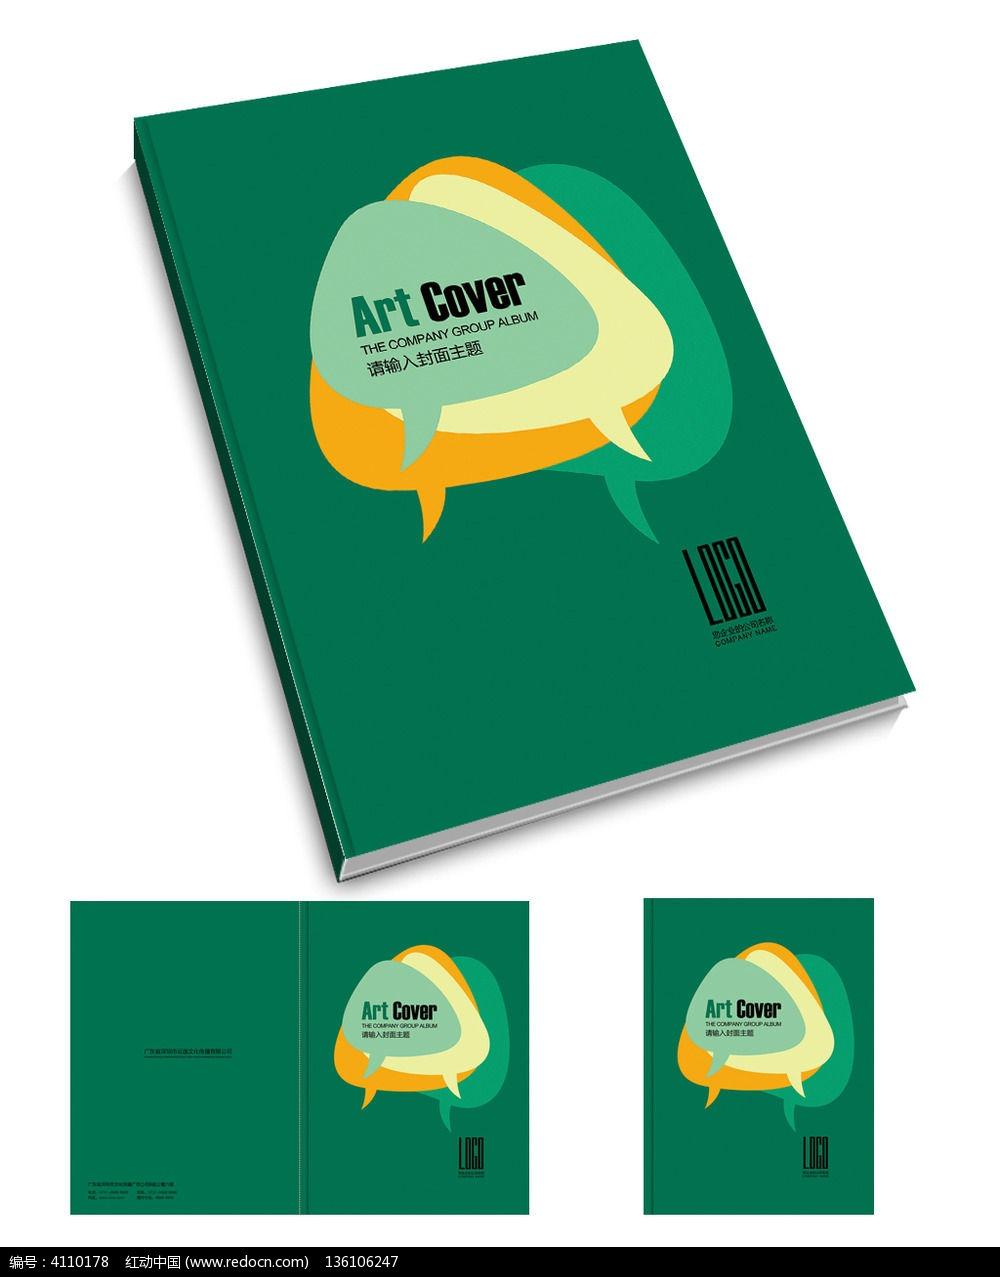 微信对话泡泡创意画册封面